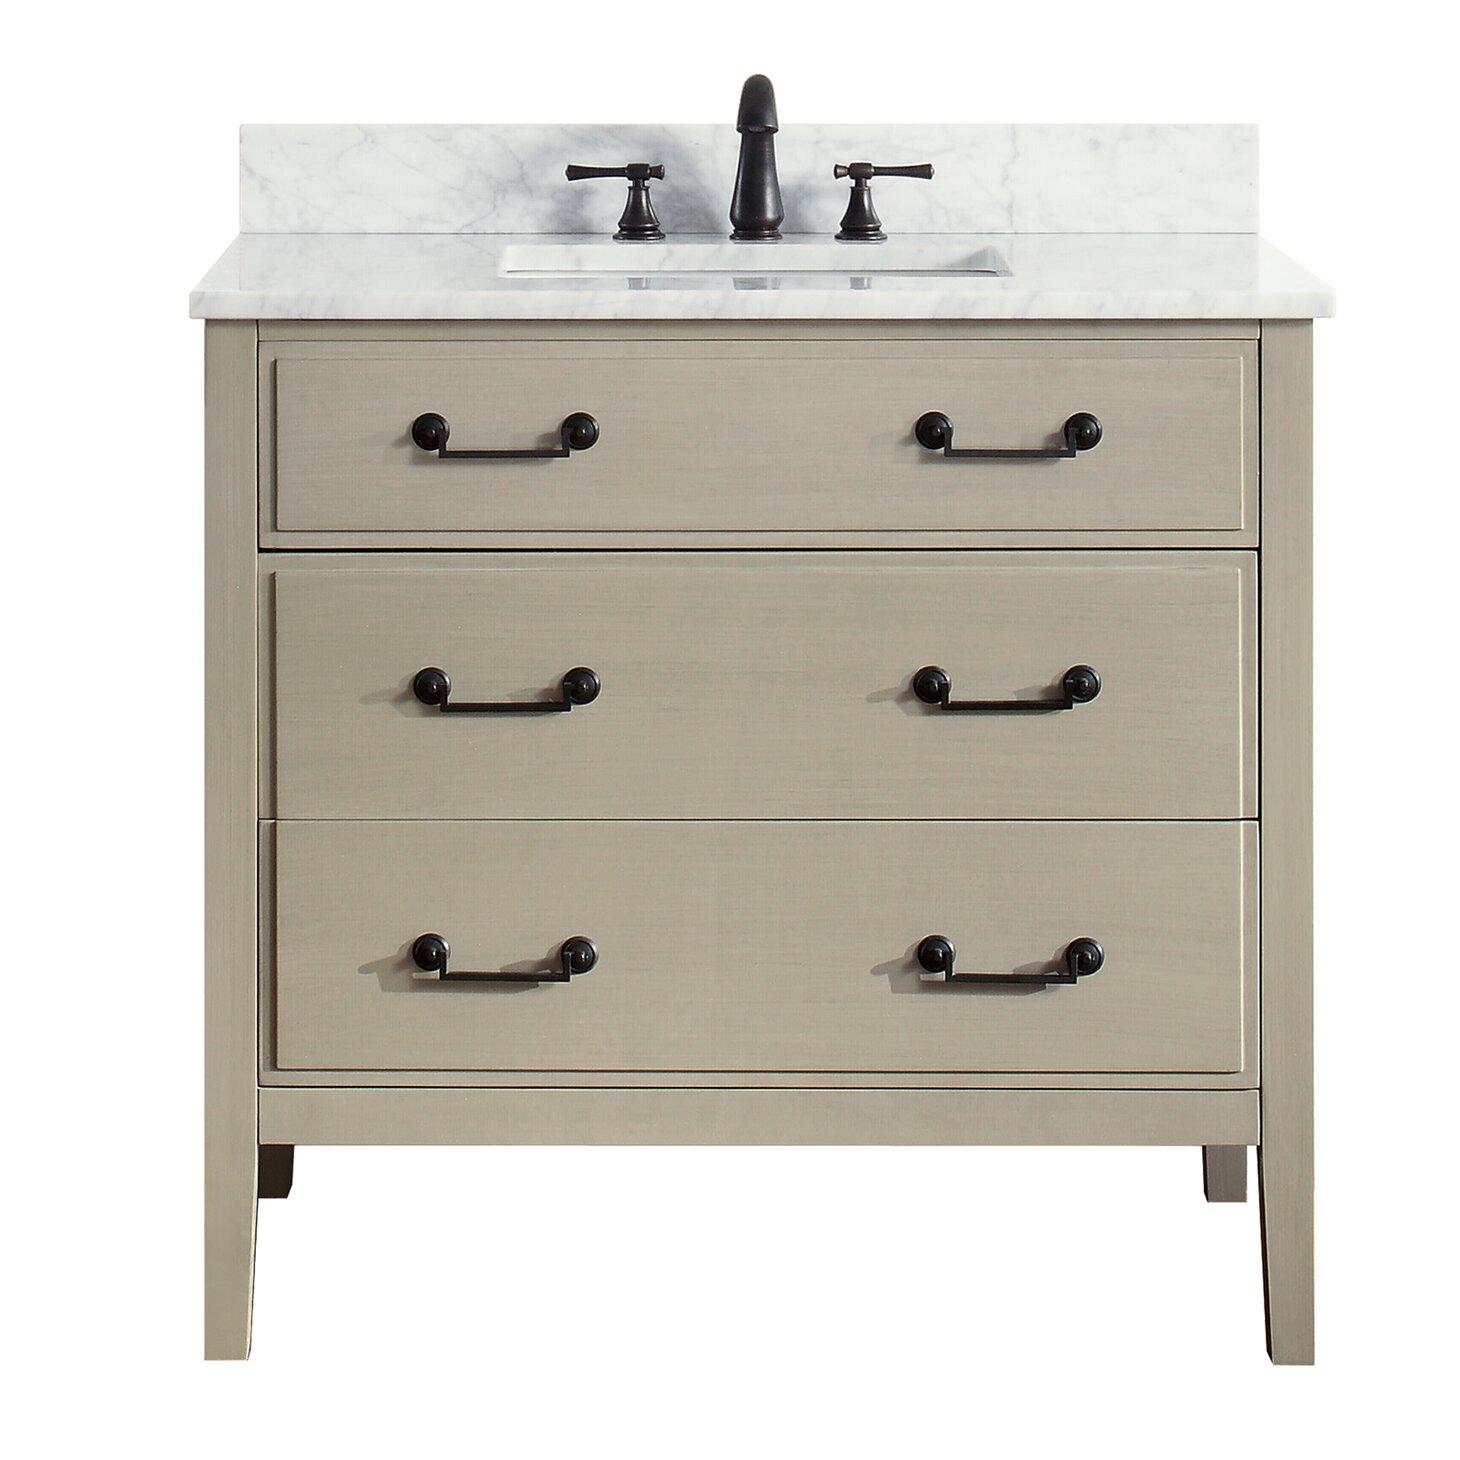 Avanity Delano 37 Single Modern Bathroom Vanity Set Reviews Wayfair